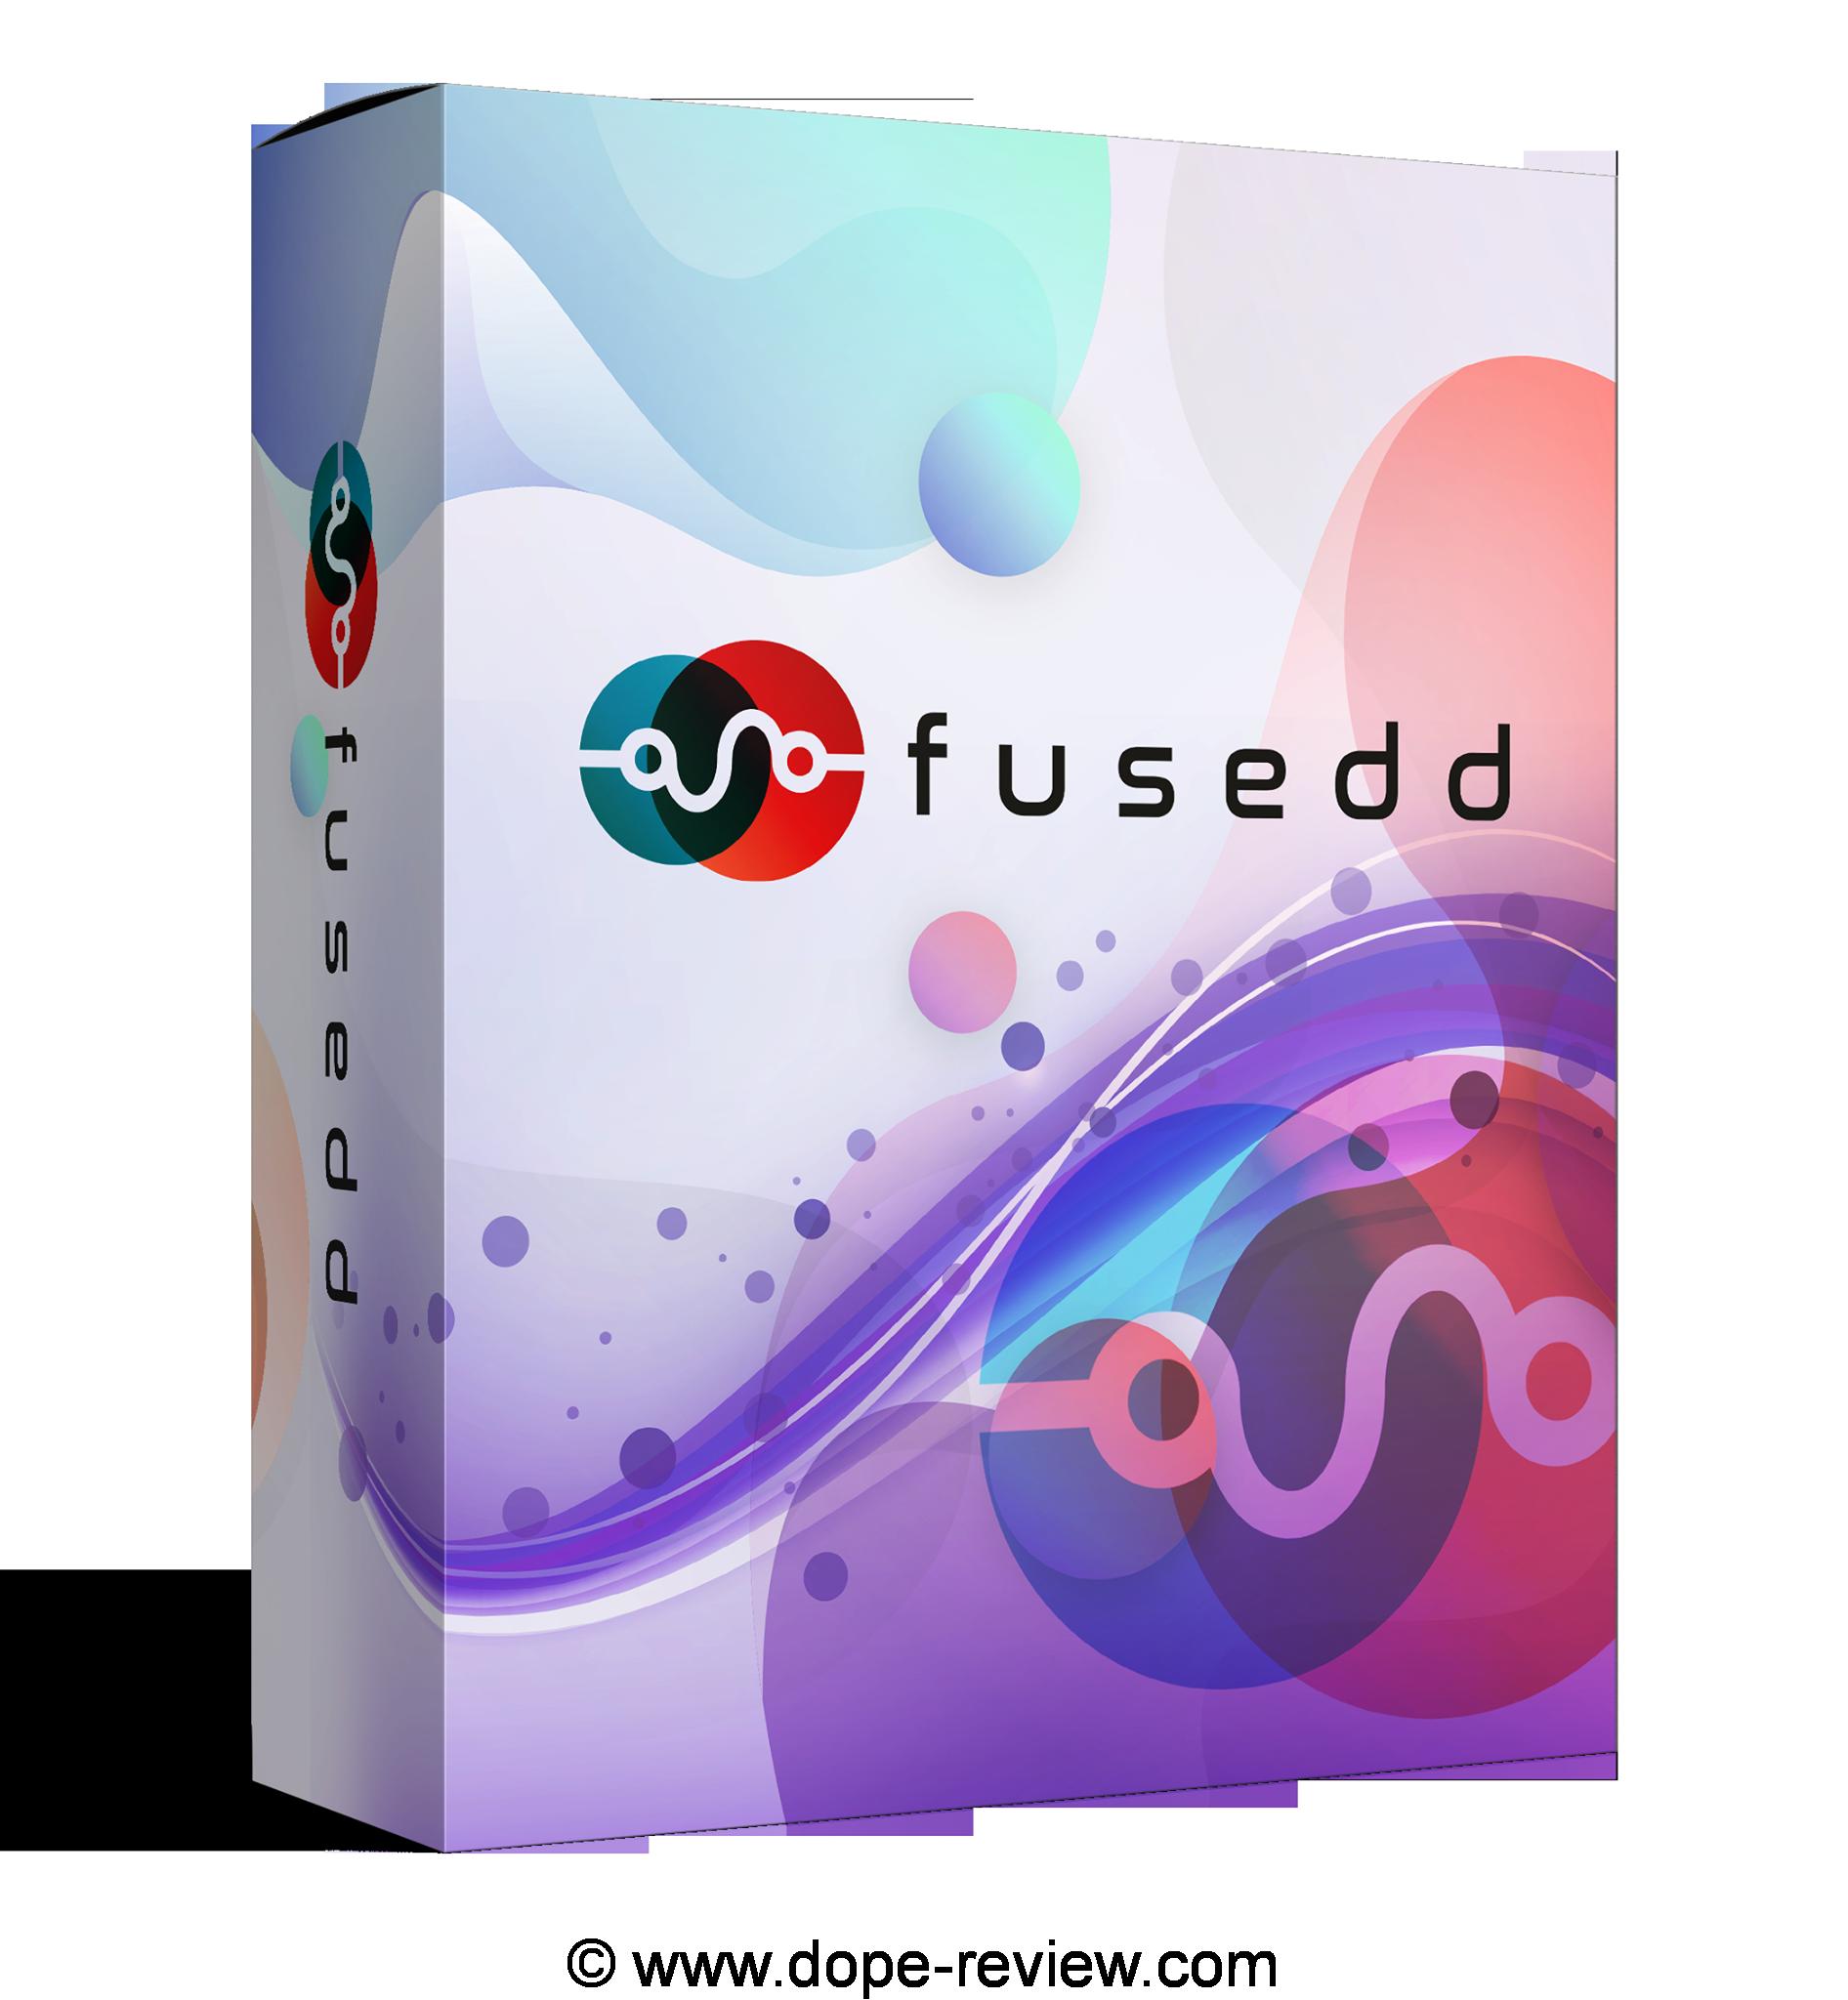 Fusedd